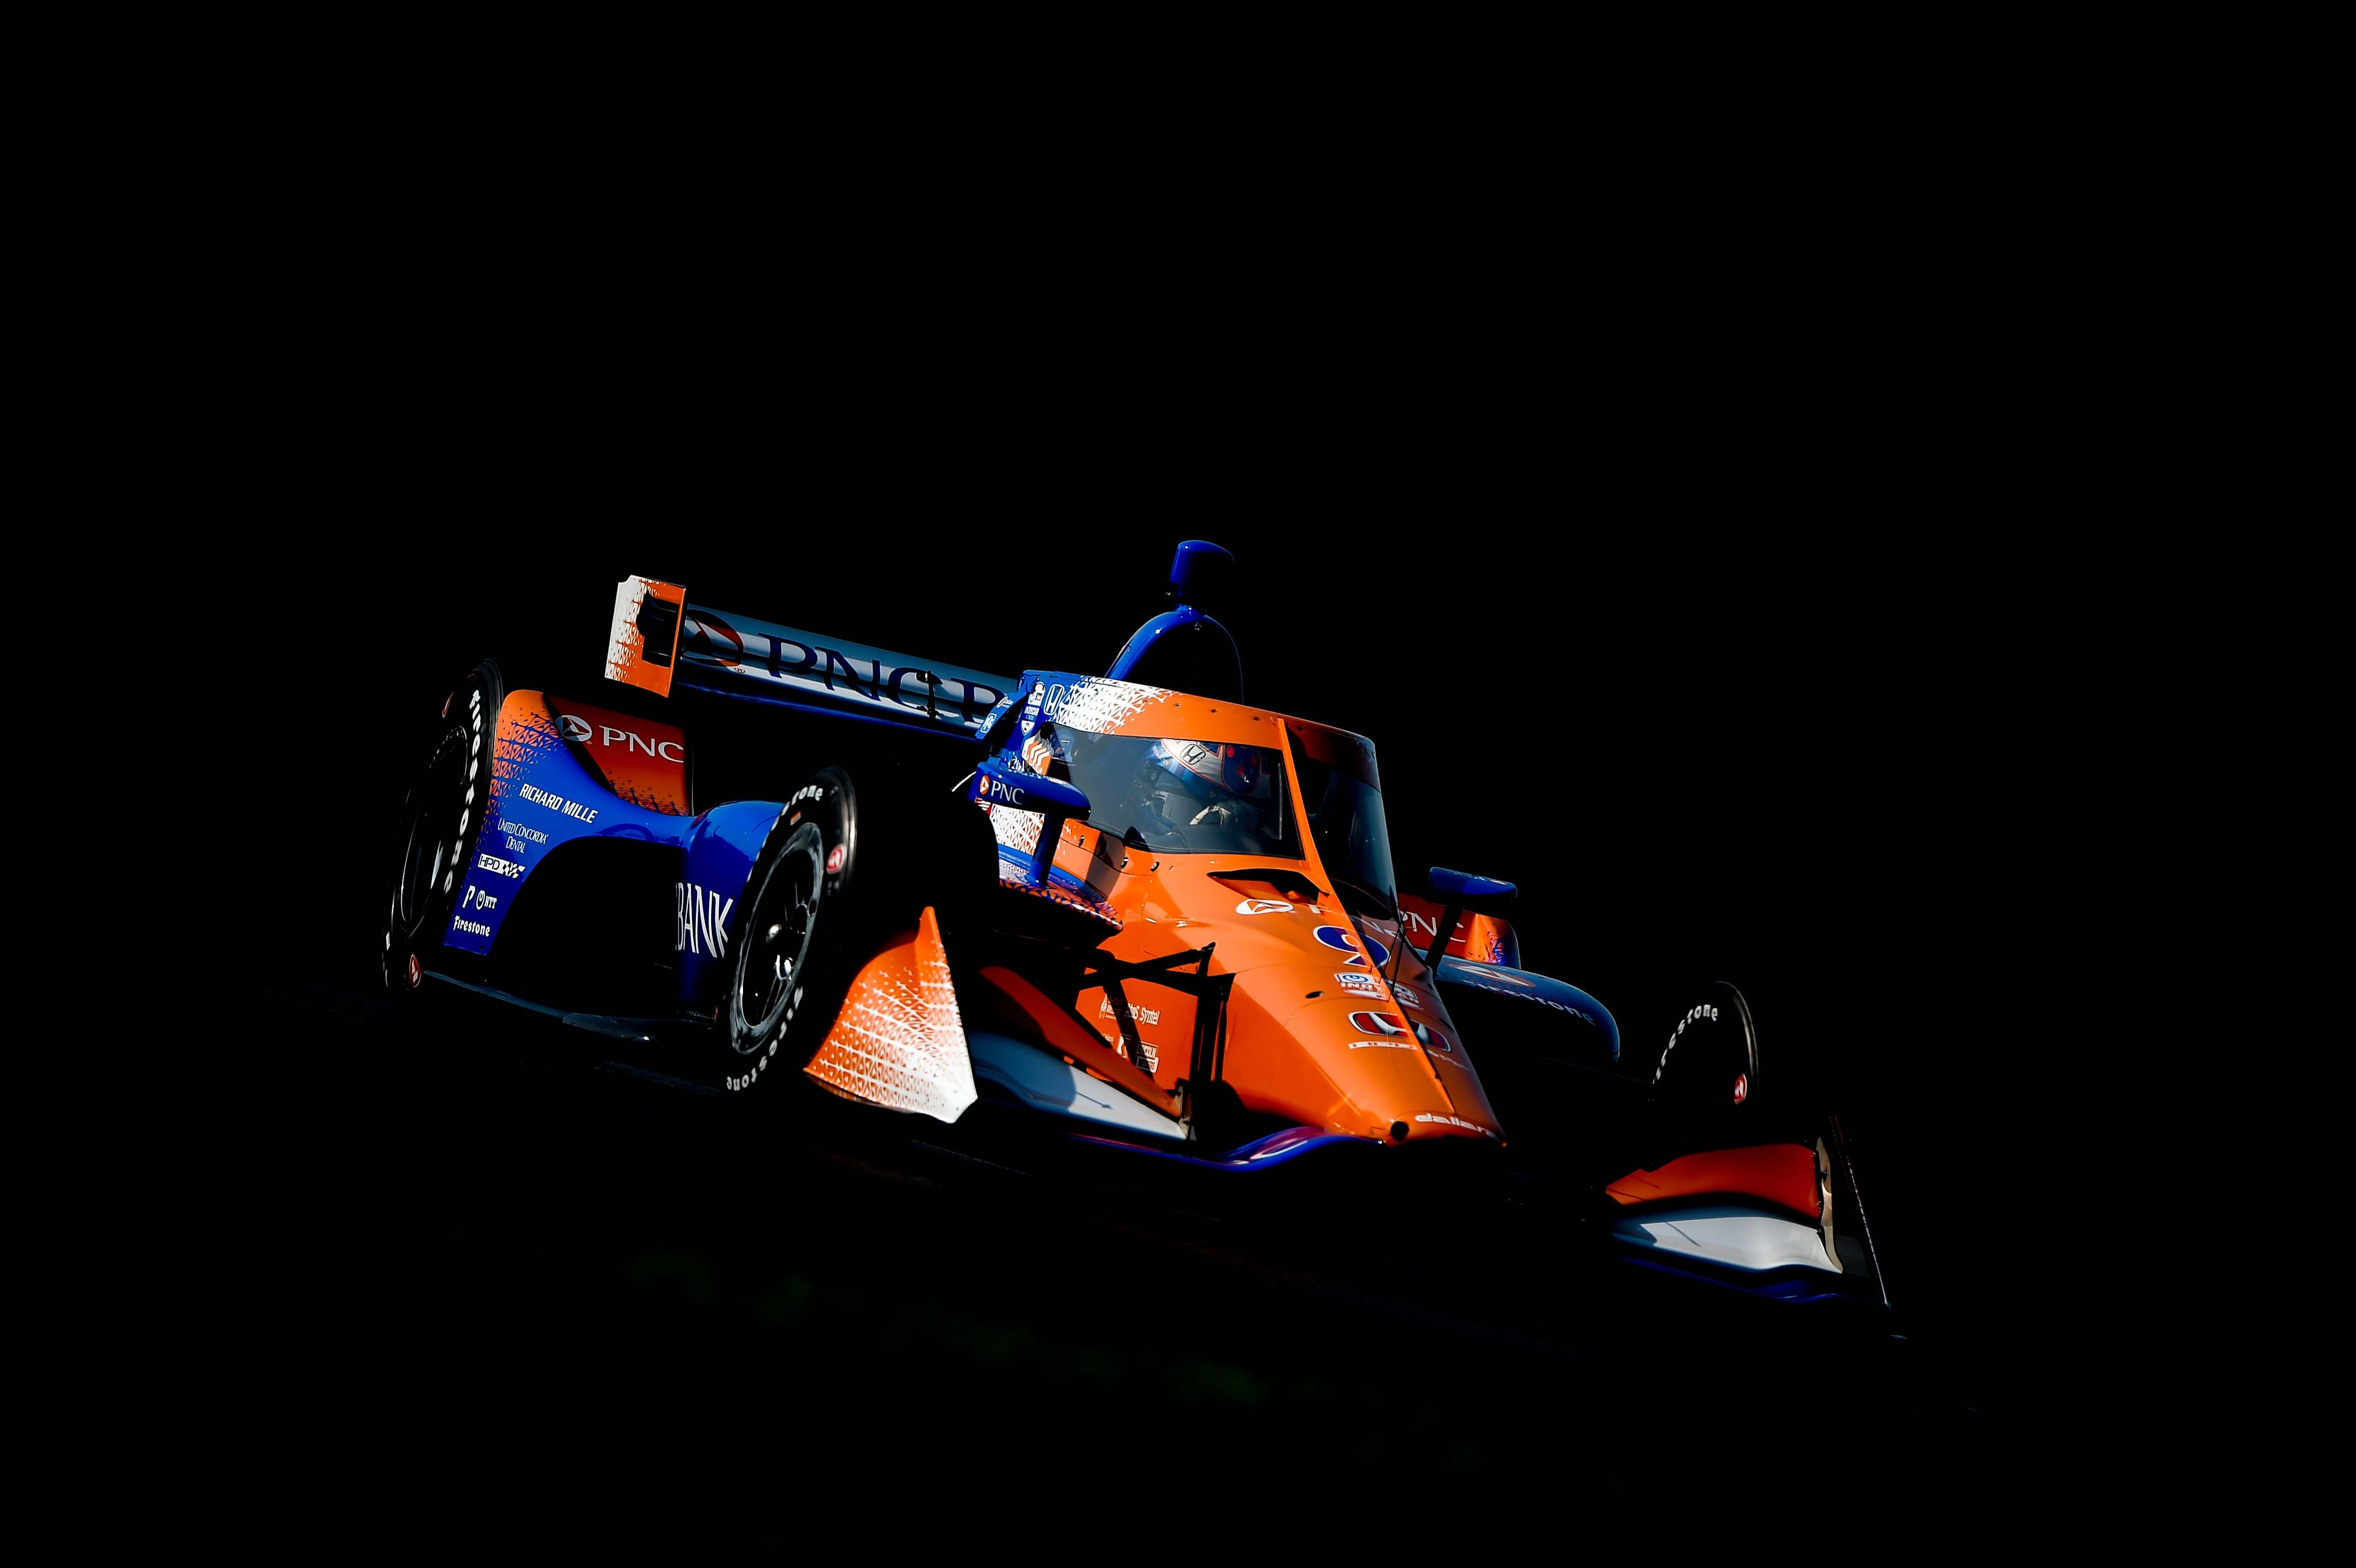 Scott Dixon at Mid-Ohio - Indycar Series